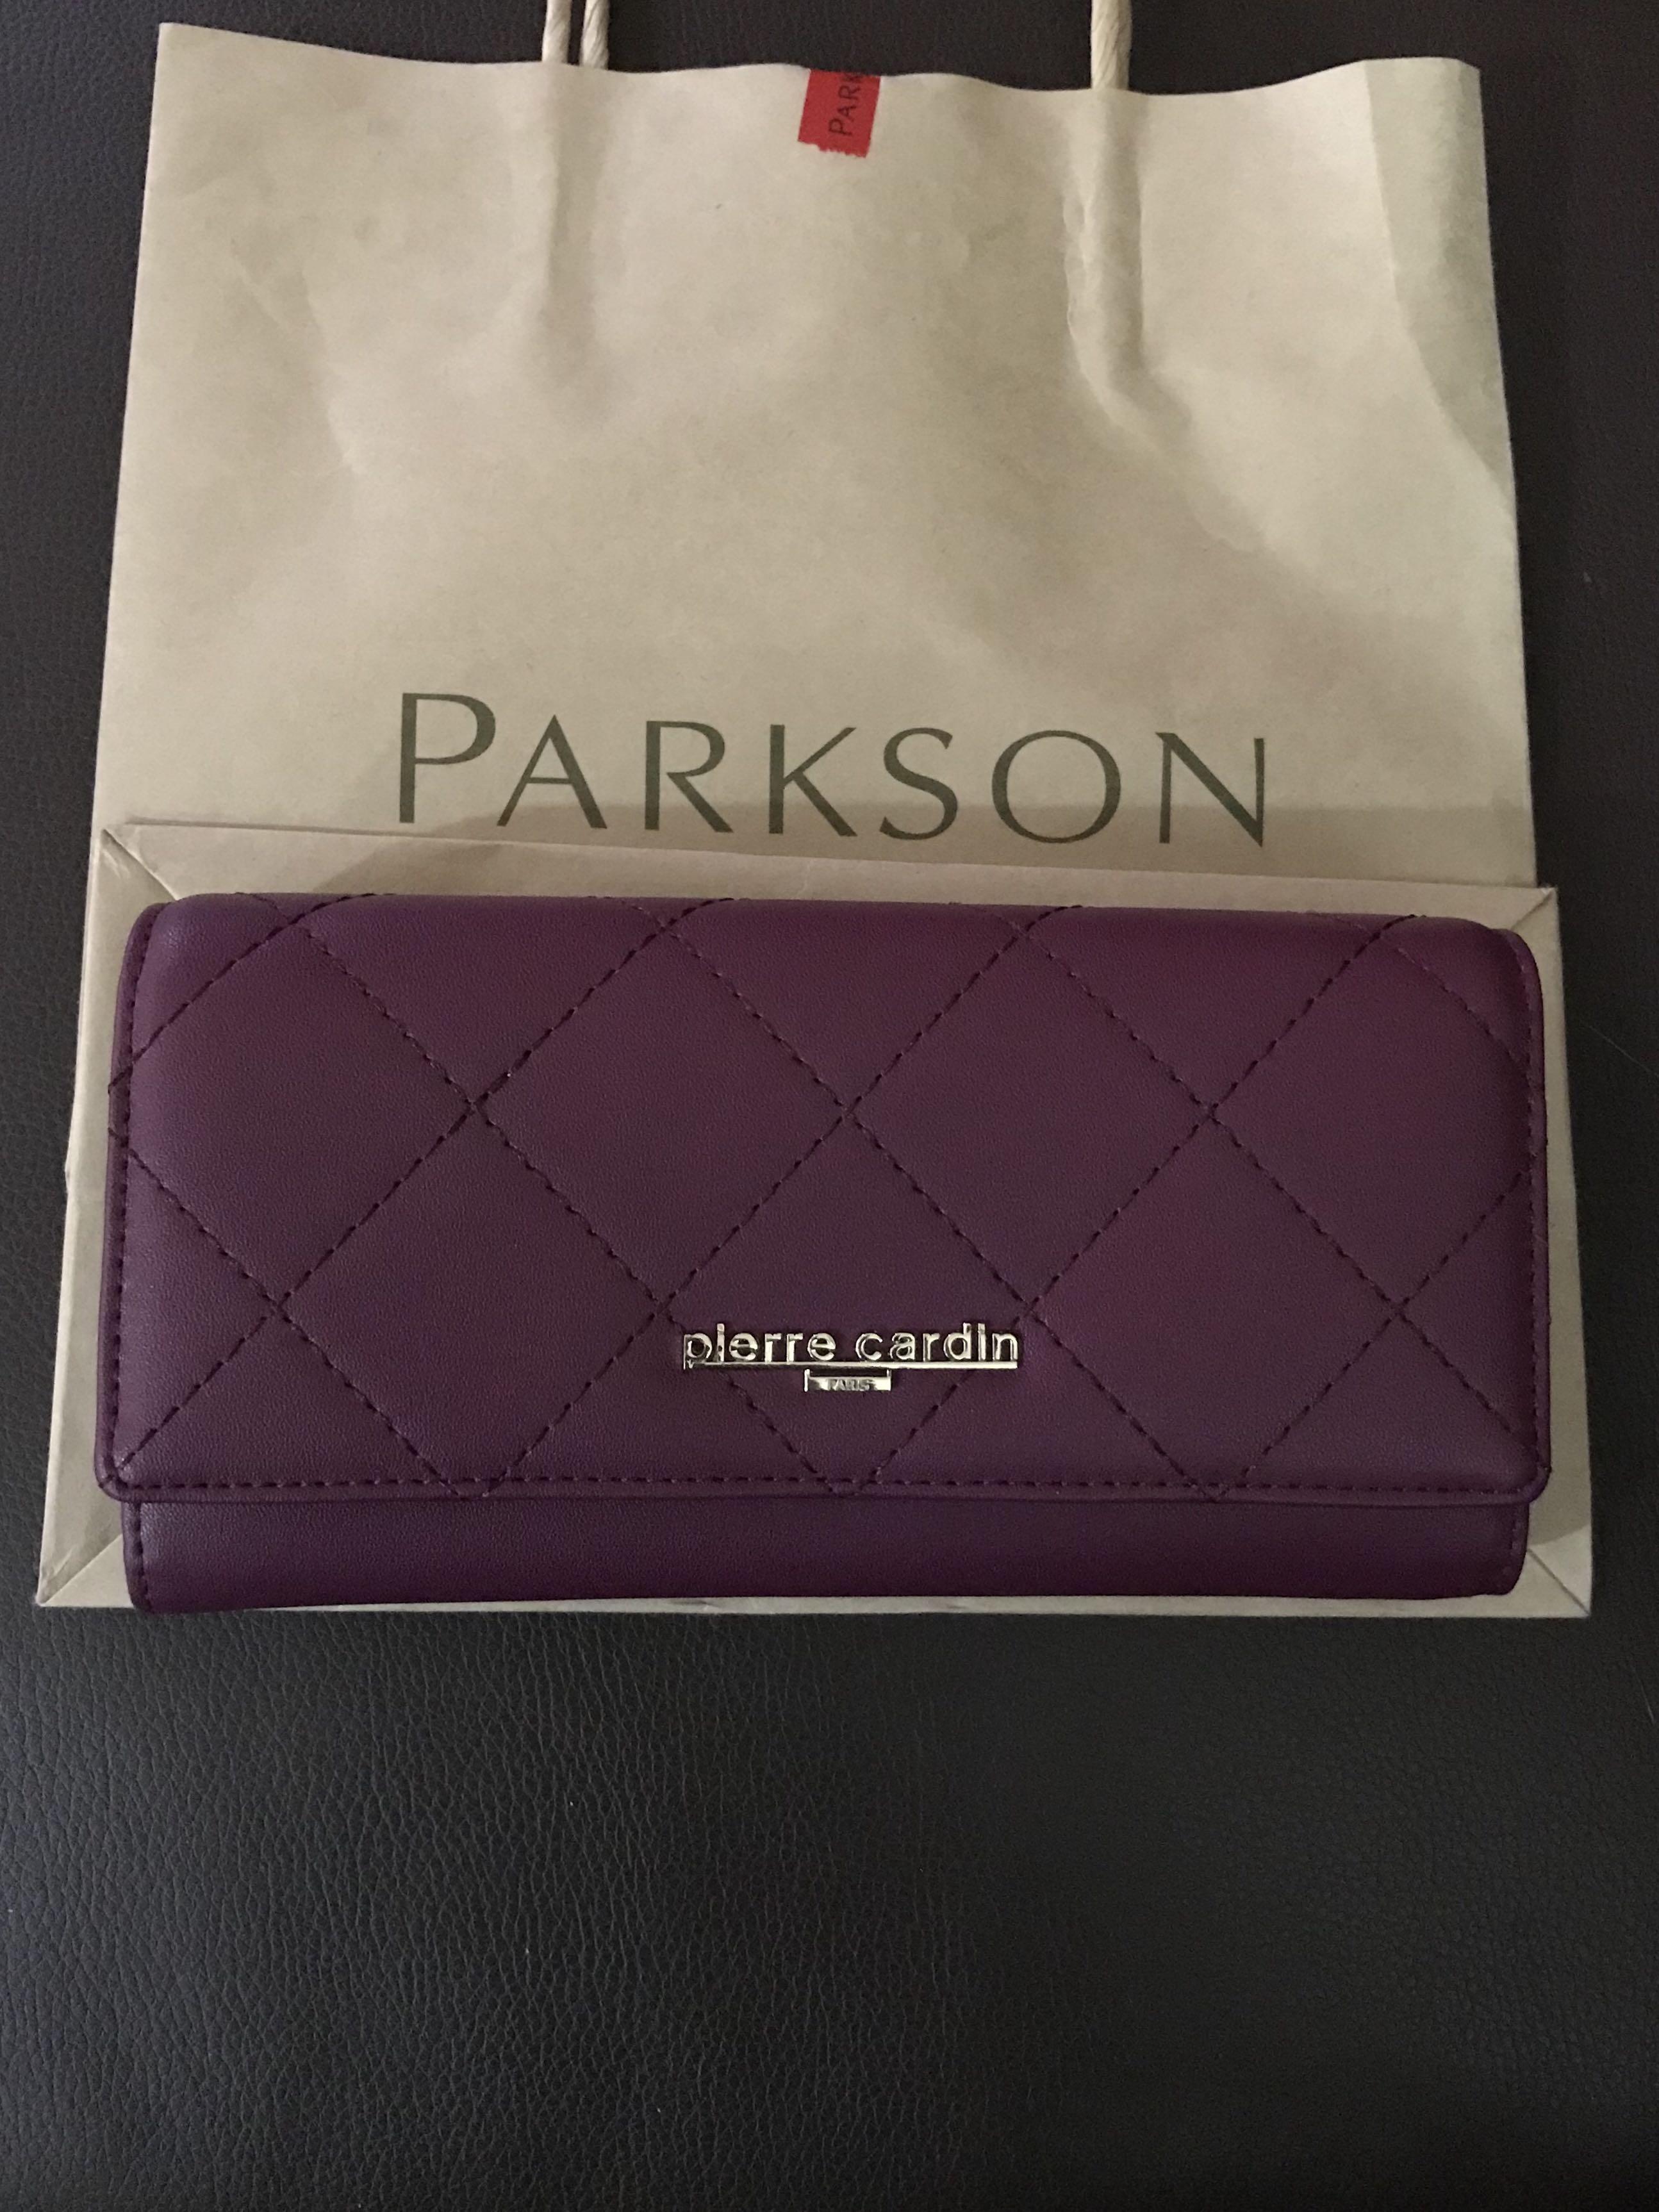 5822a8820d0b Pierre Cardin Paris Purse